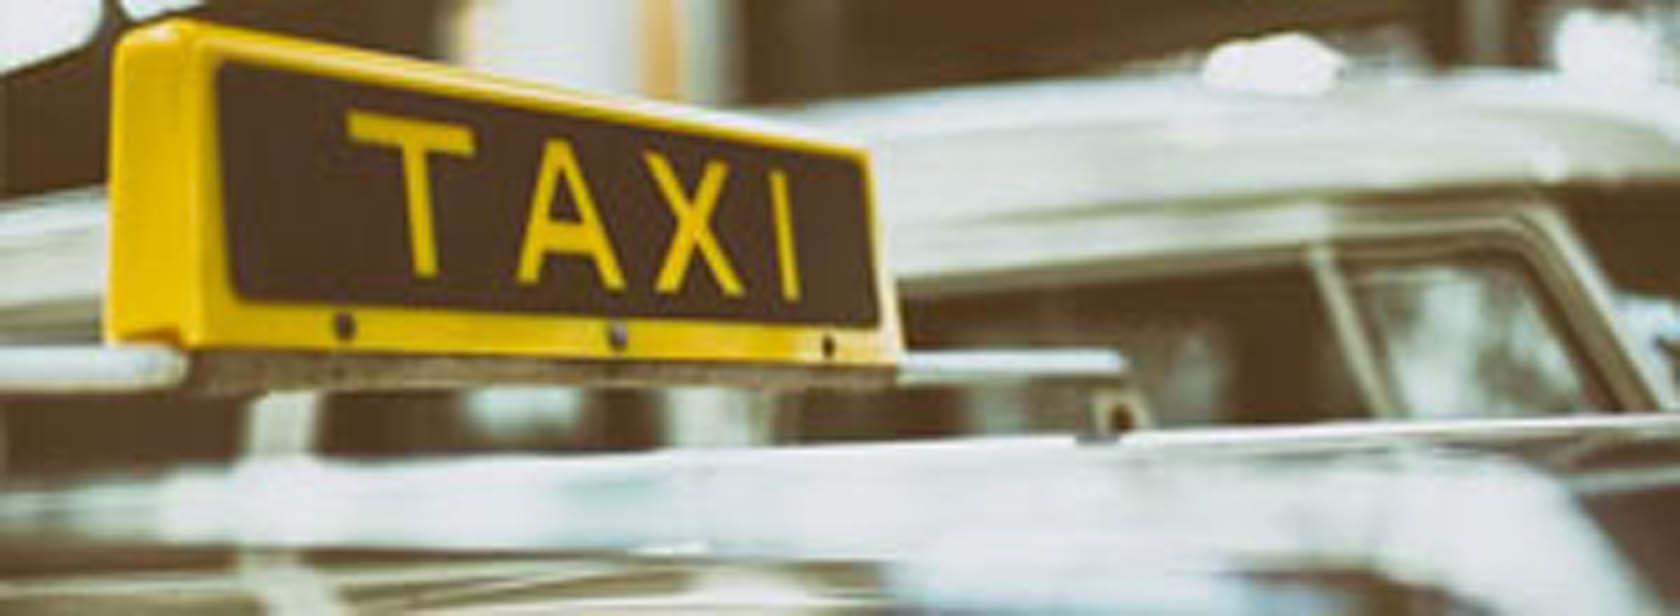 taxi-menu-img